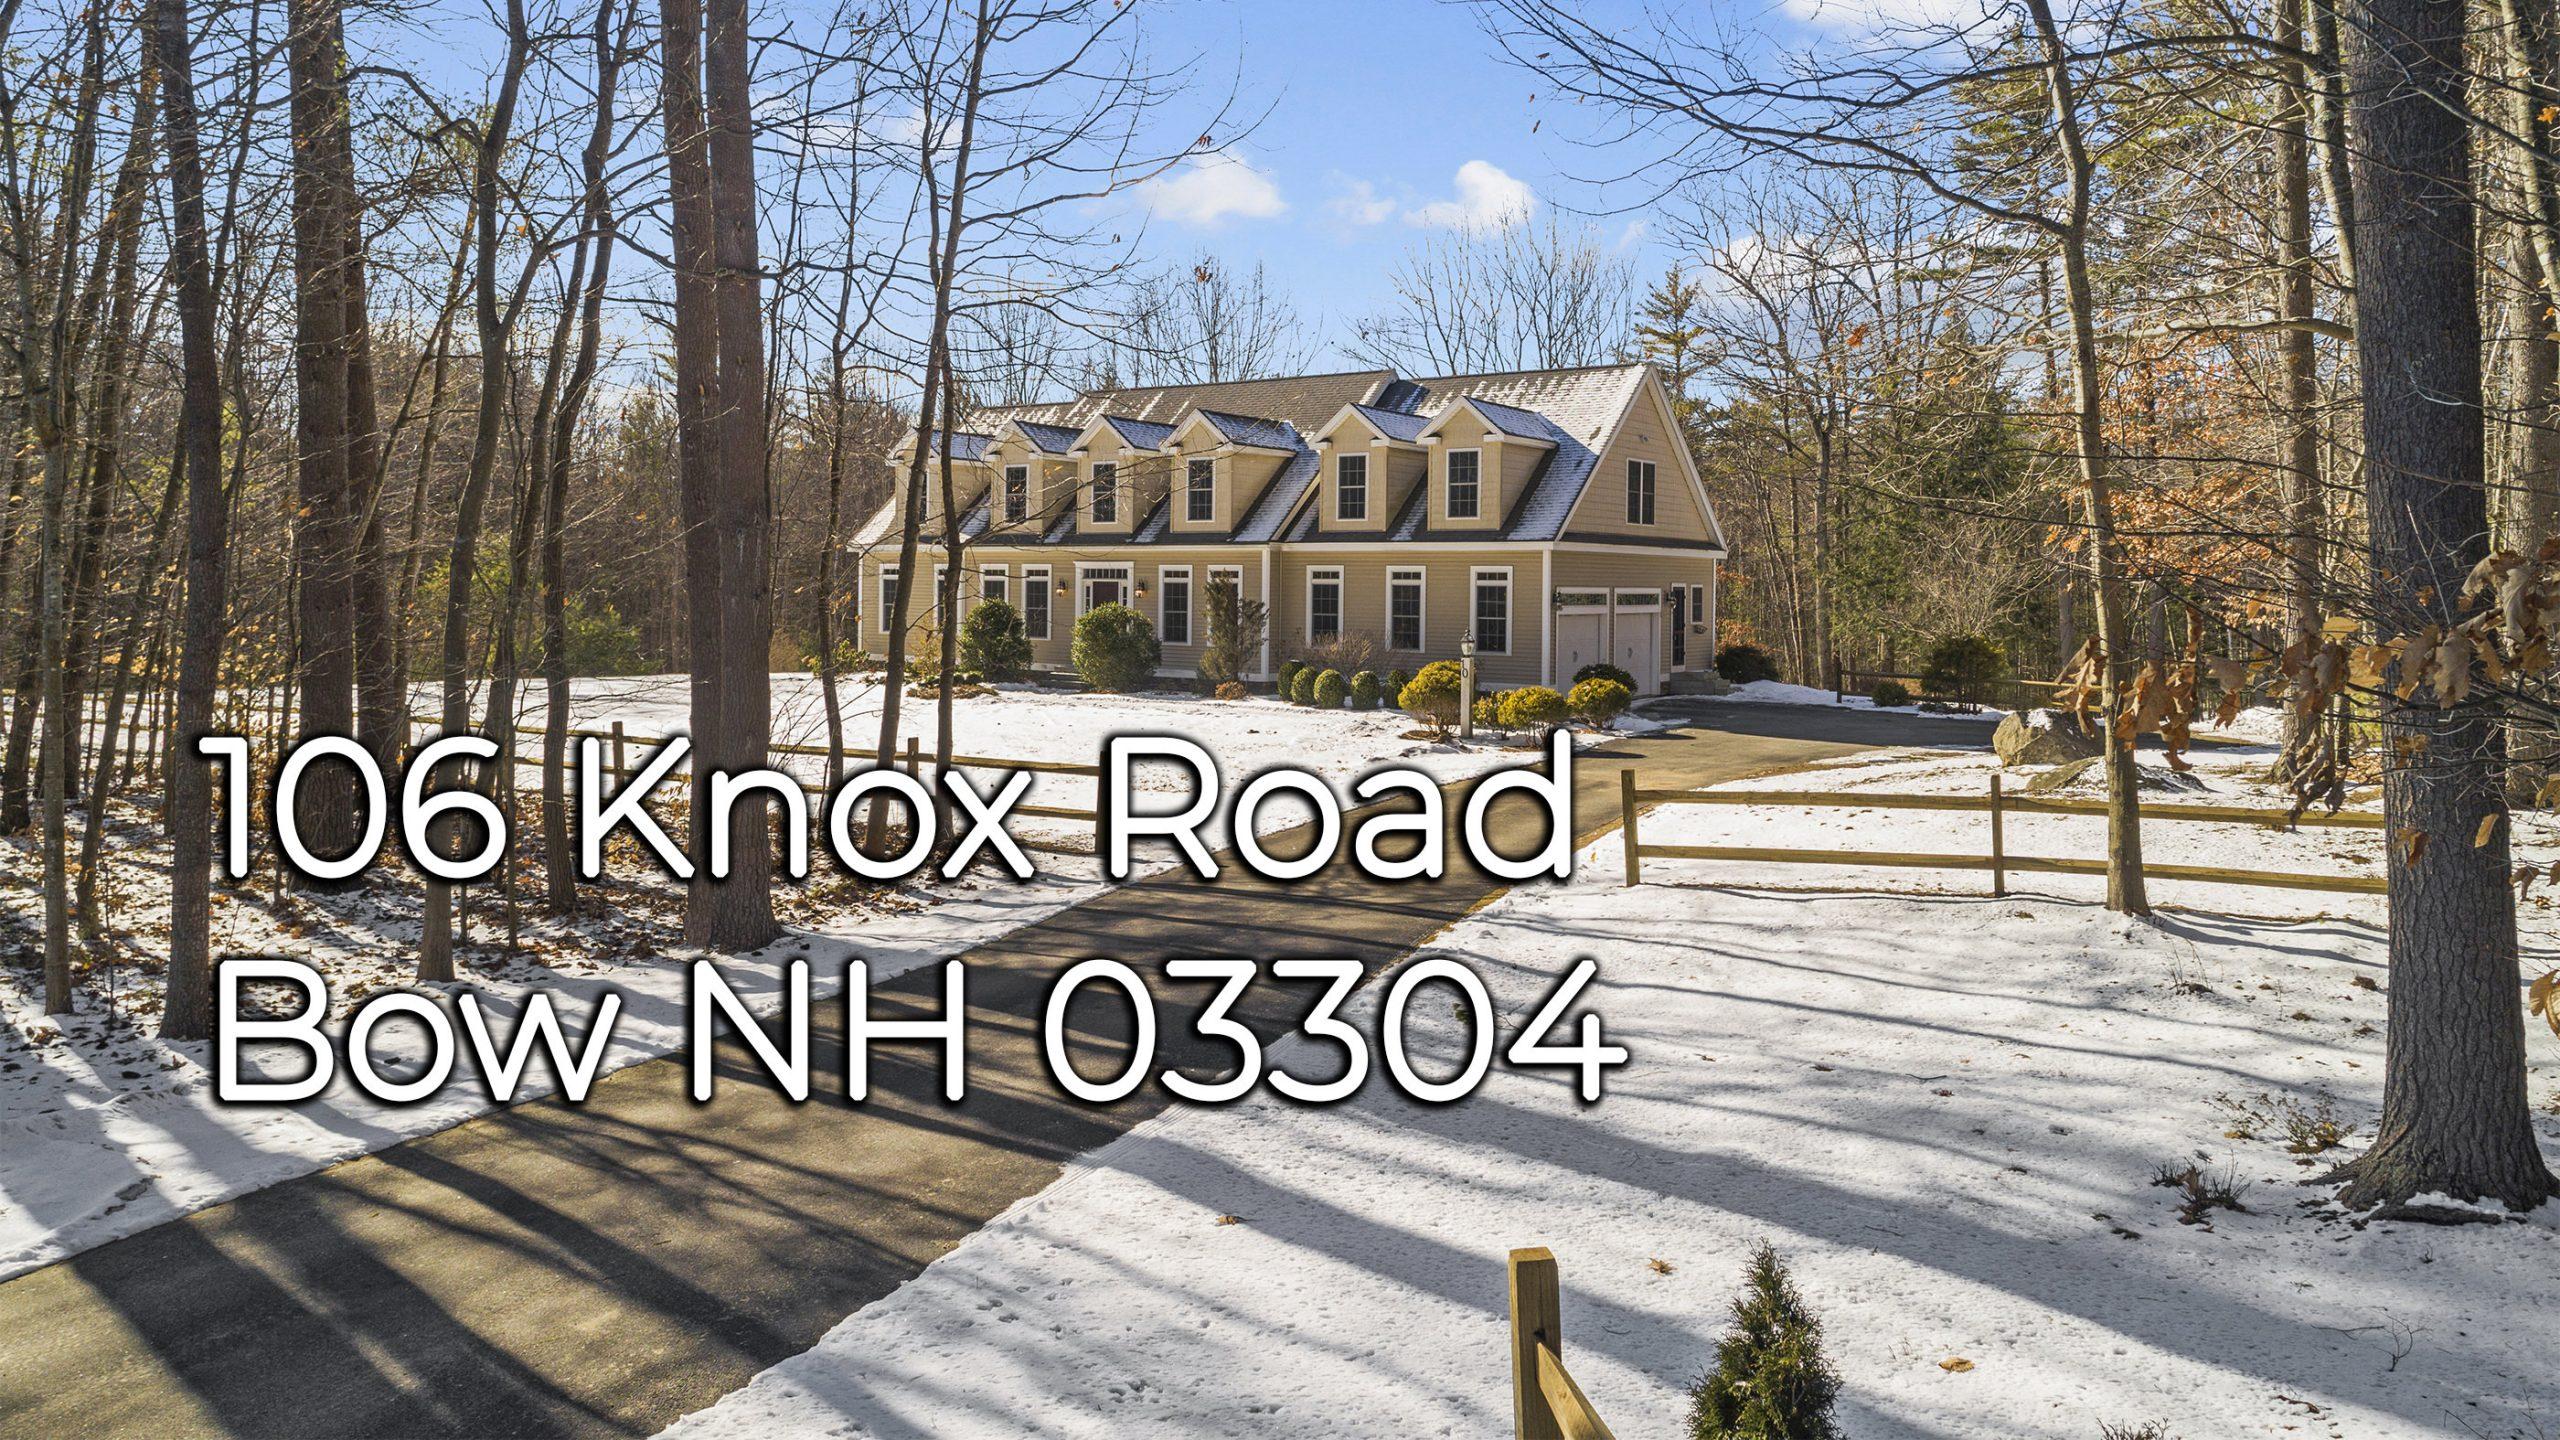 106 Knox Rd Bow NH 03304